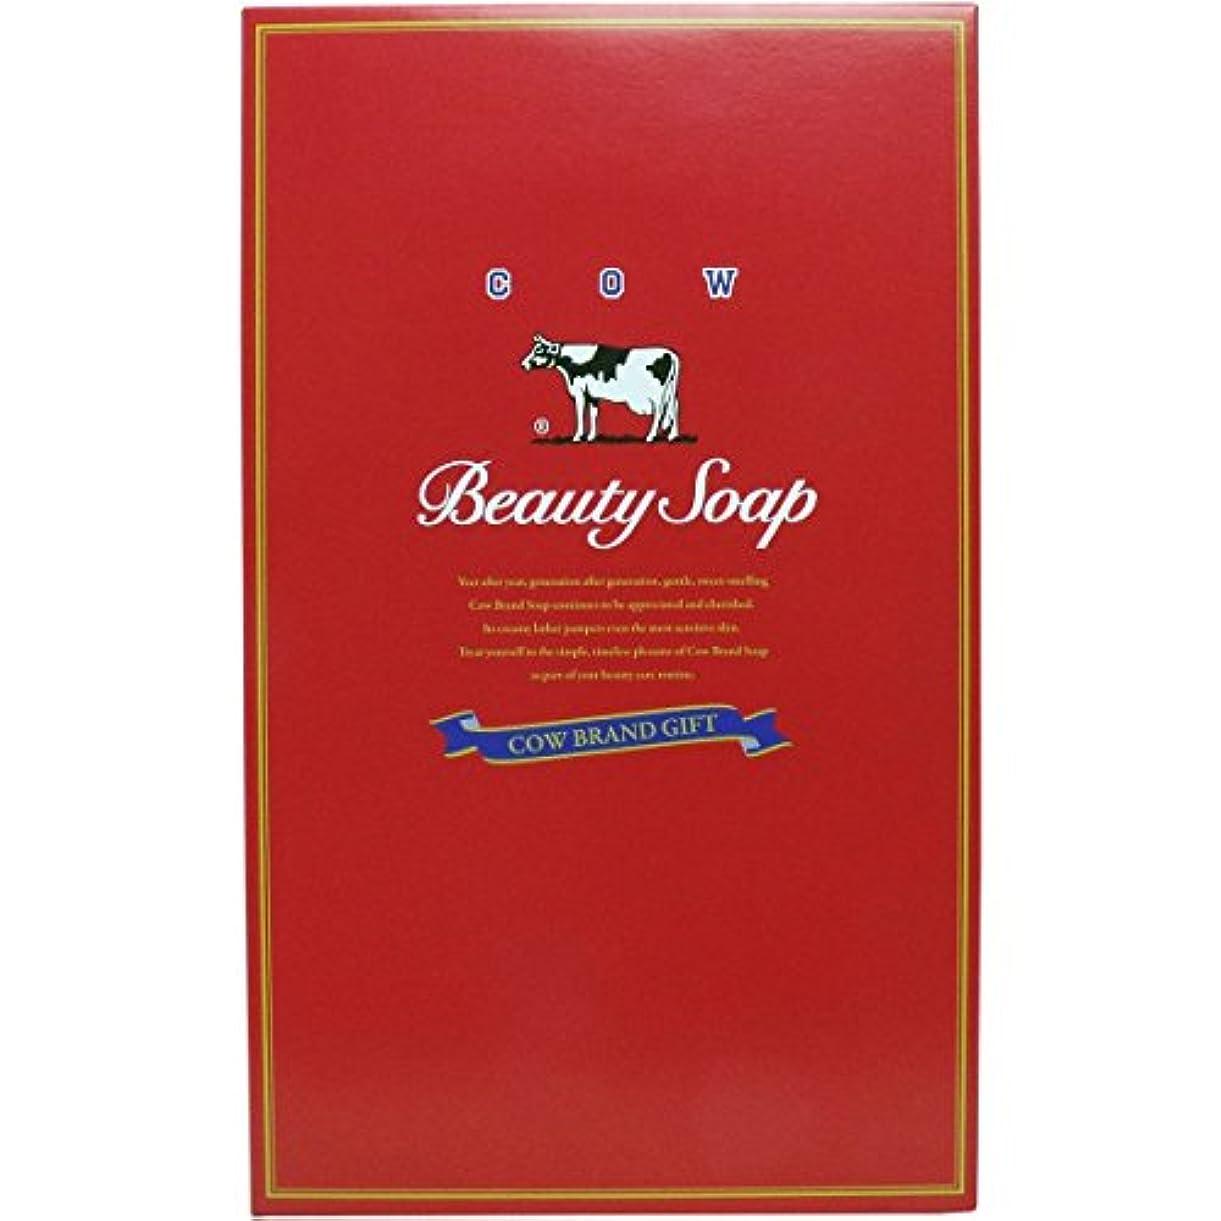 バックグラウンド検出可能免疫牛乳石鹸共進社 カウブランド石鹸 赤箱 100g×10個×16箱